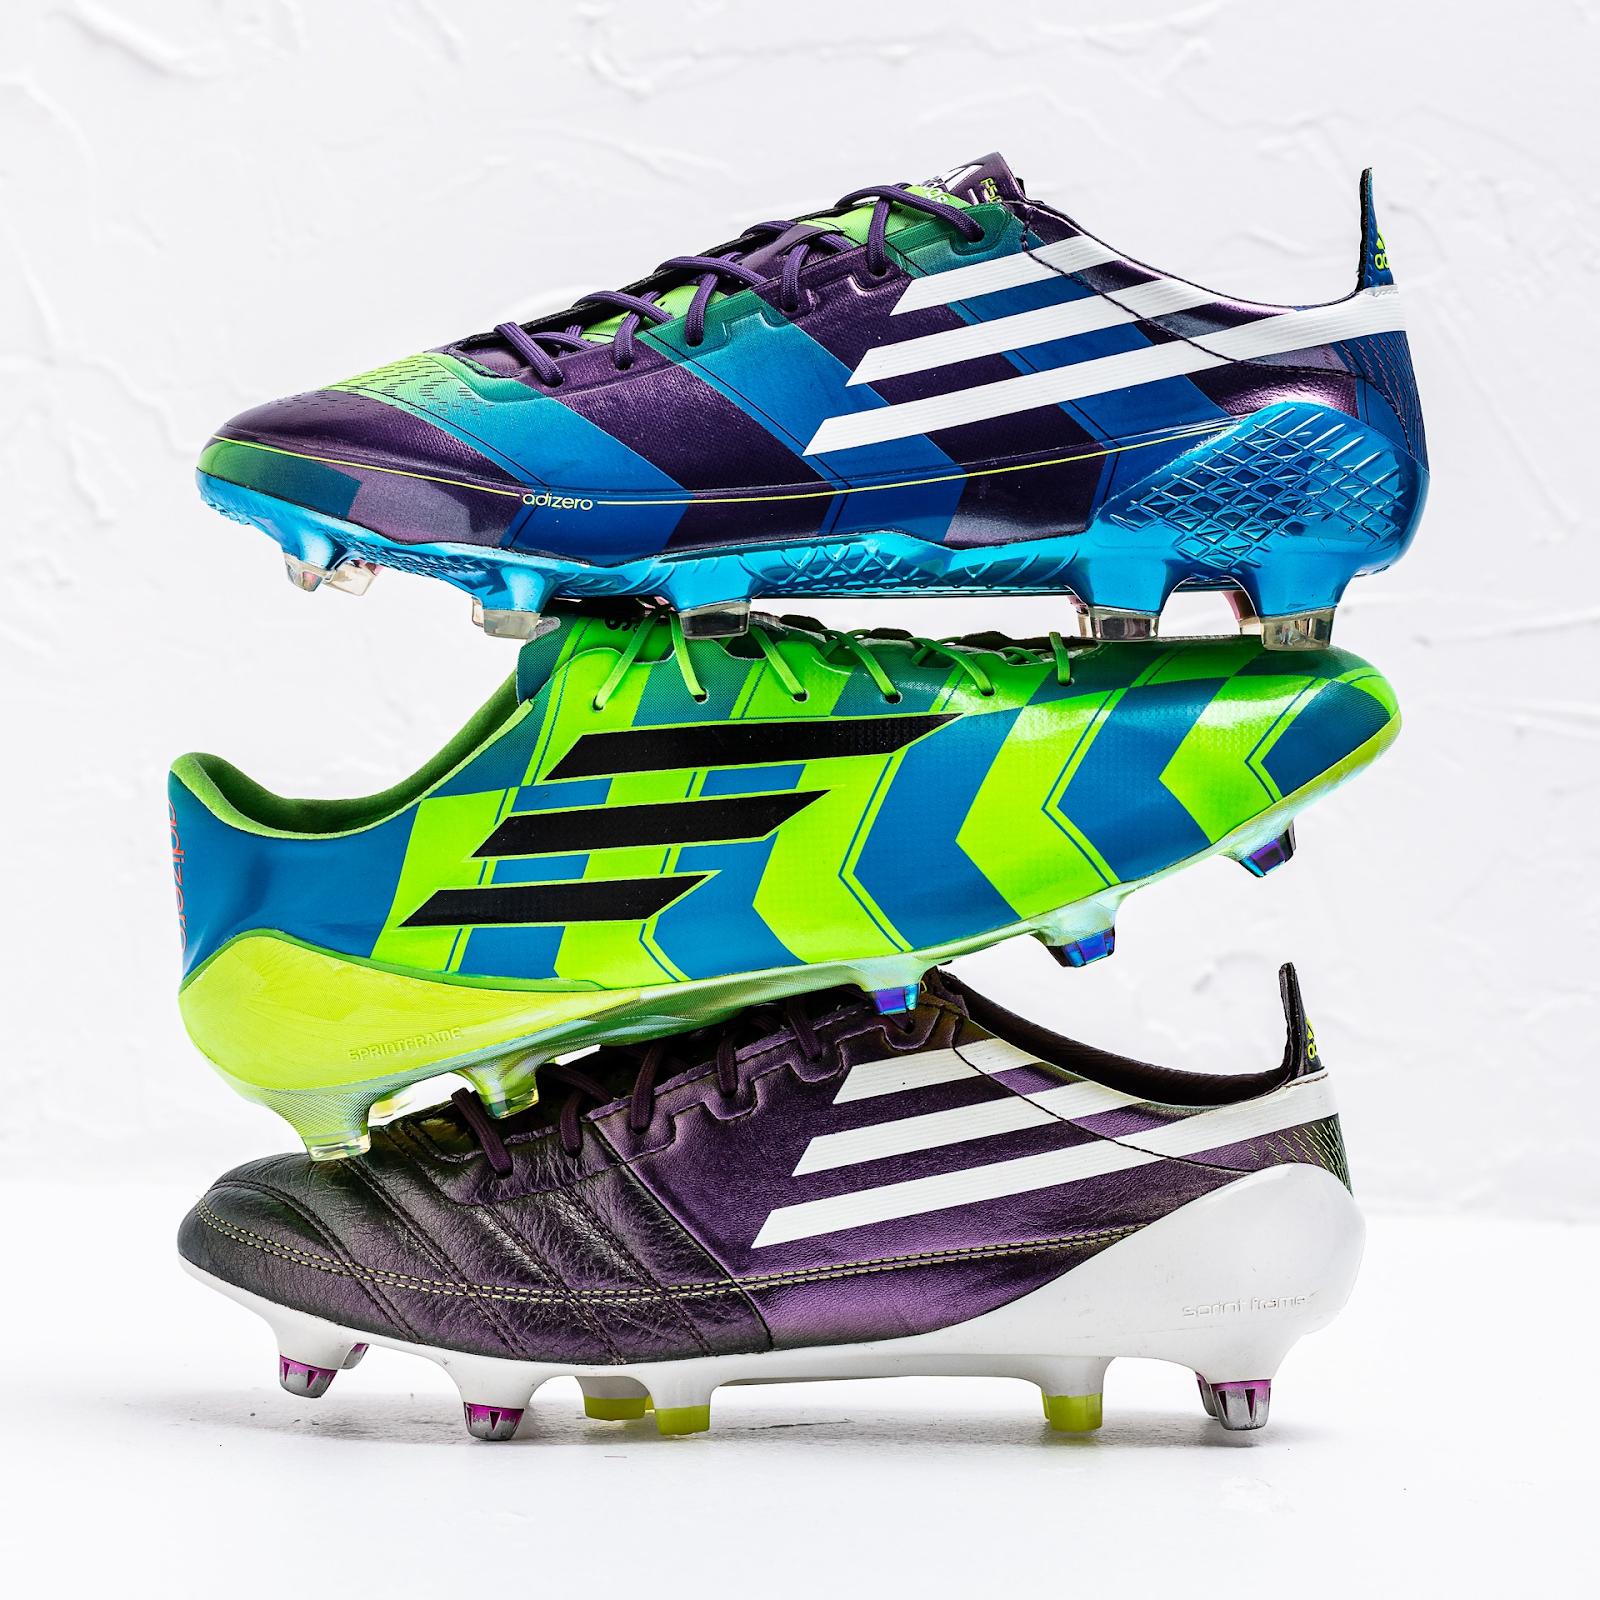 Giày đá bóng adidas F50 adizero Chameleon